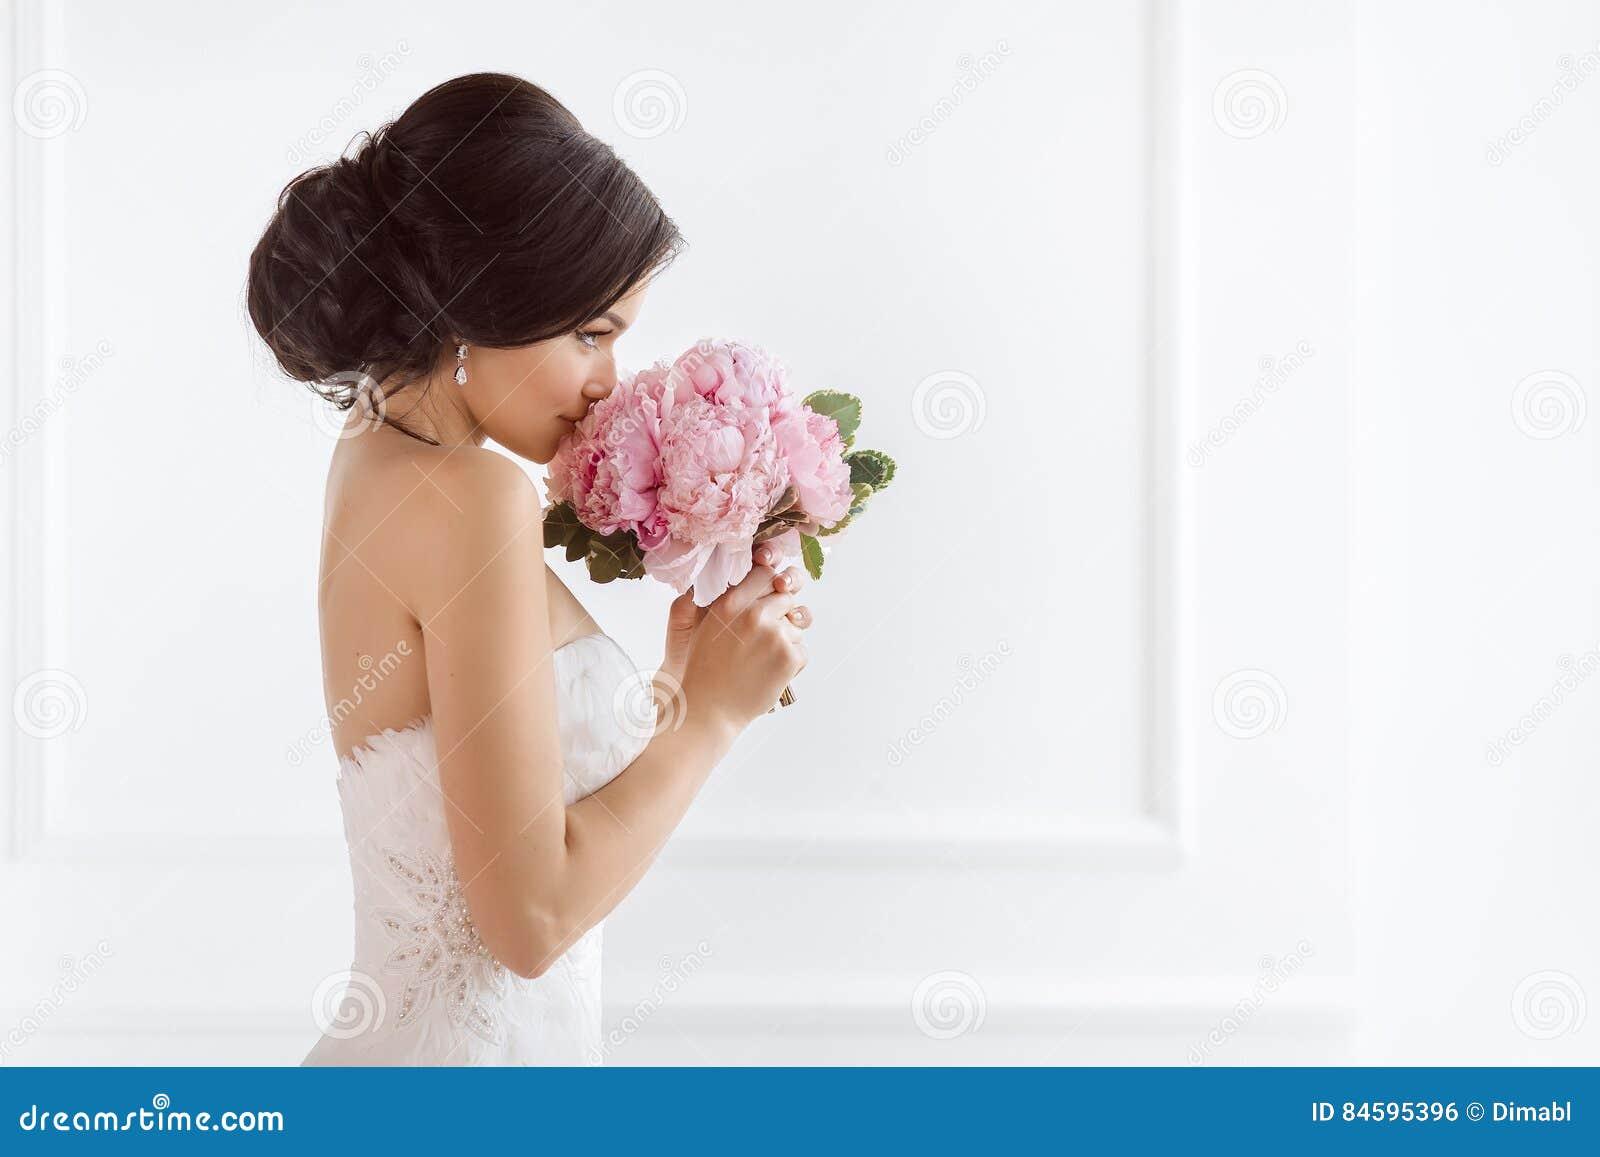 Όμορφη νύφη με τα λουλούδια της Φόρεμα και ανθοδέσμη μόδας πολυτέλειας γαμήλιας hairstyle σύνθεσης